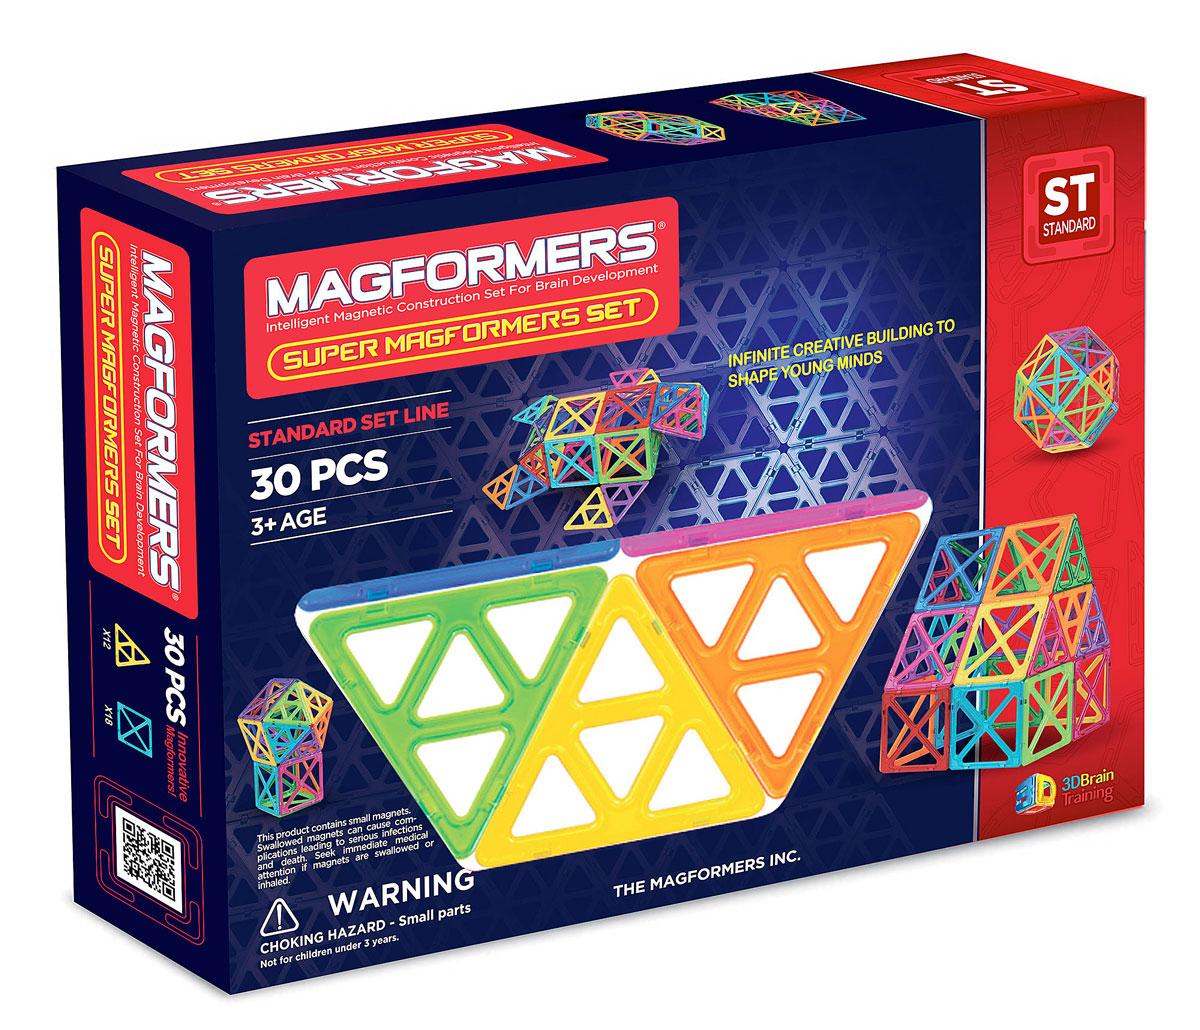 Magformers Магнитный конструктор Super Magformers Set